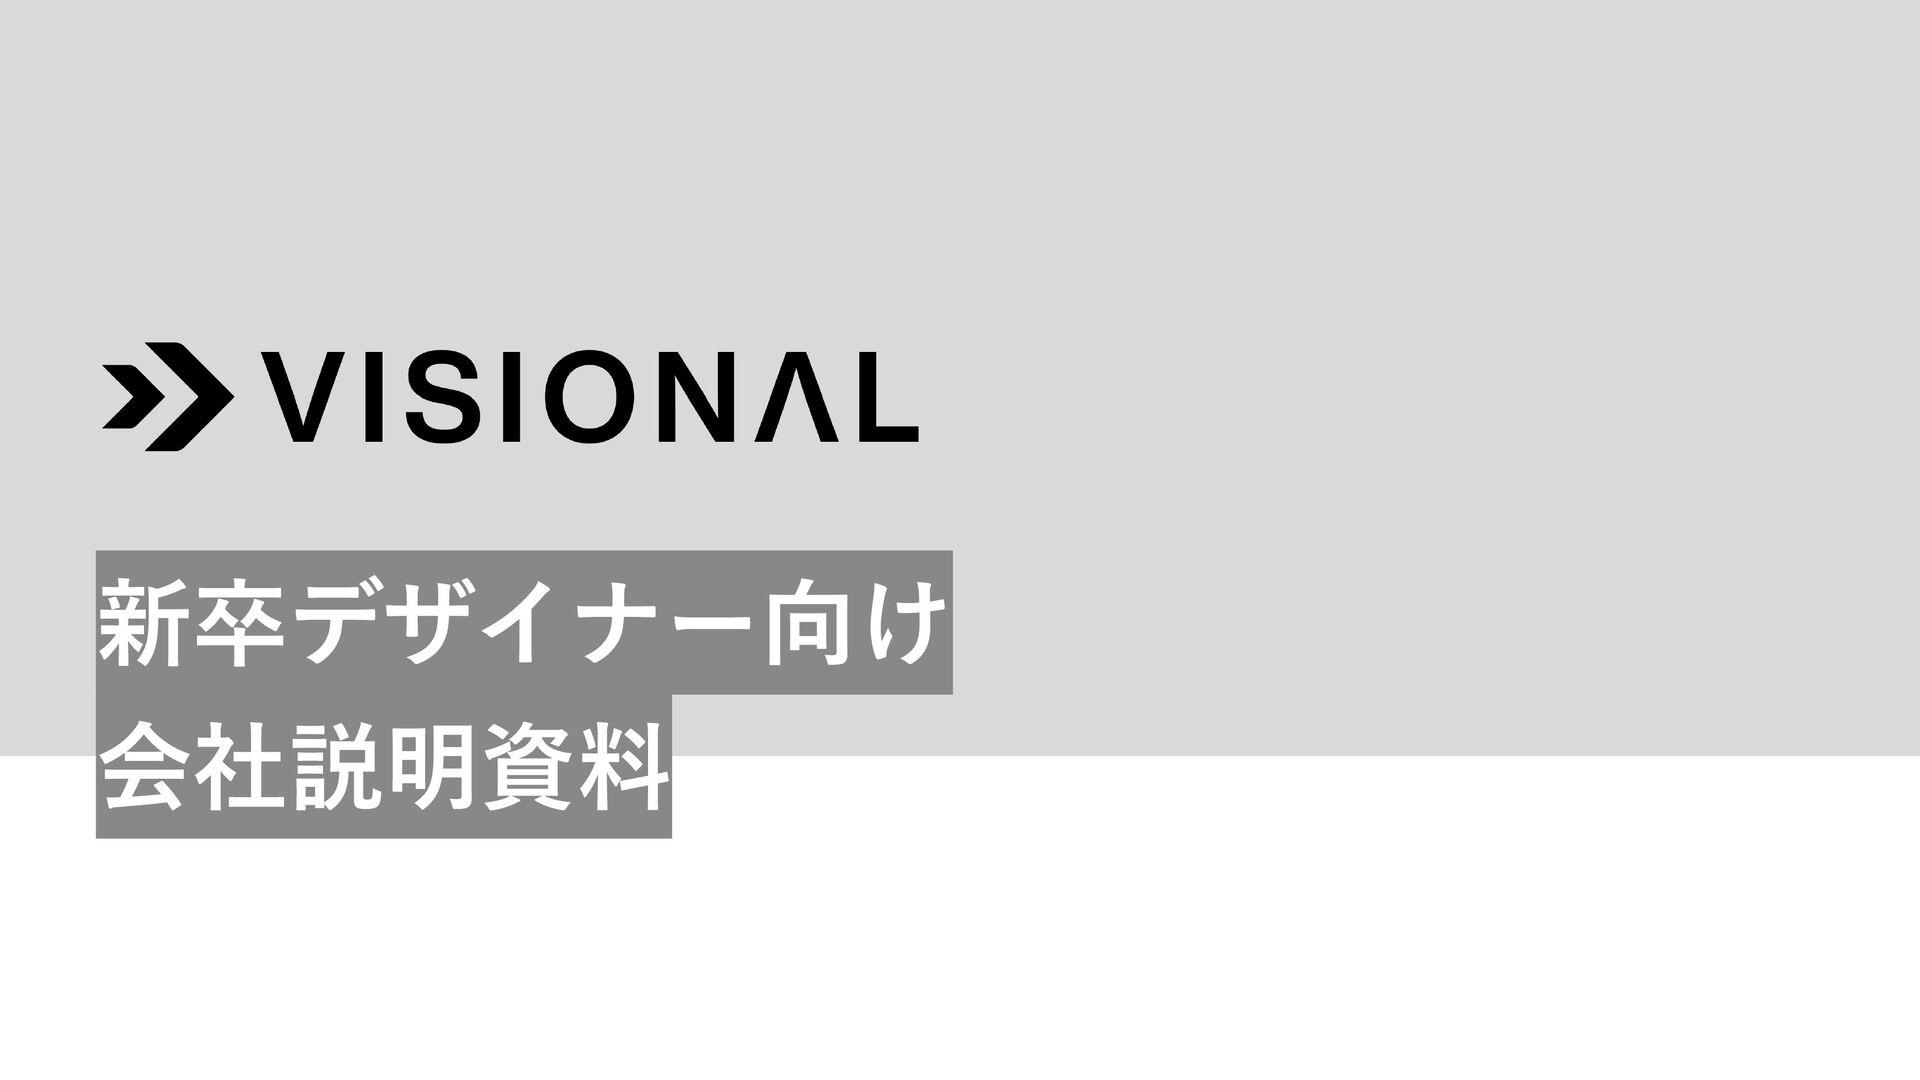 Visional   新卒デザイナー向け   会社説明資料 Visional Company ...